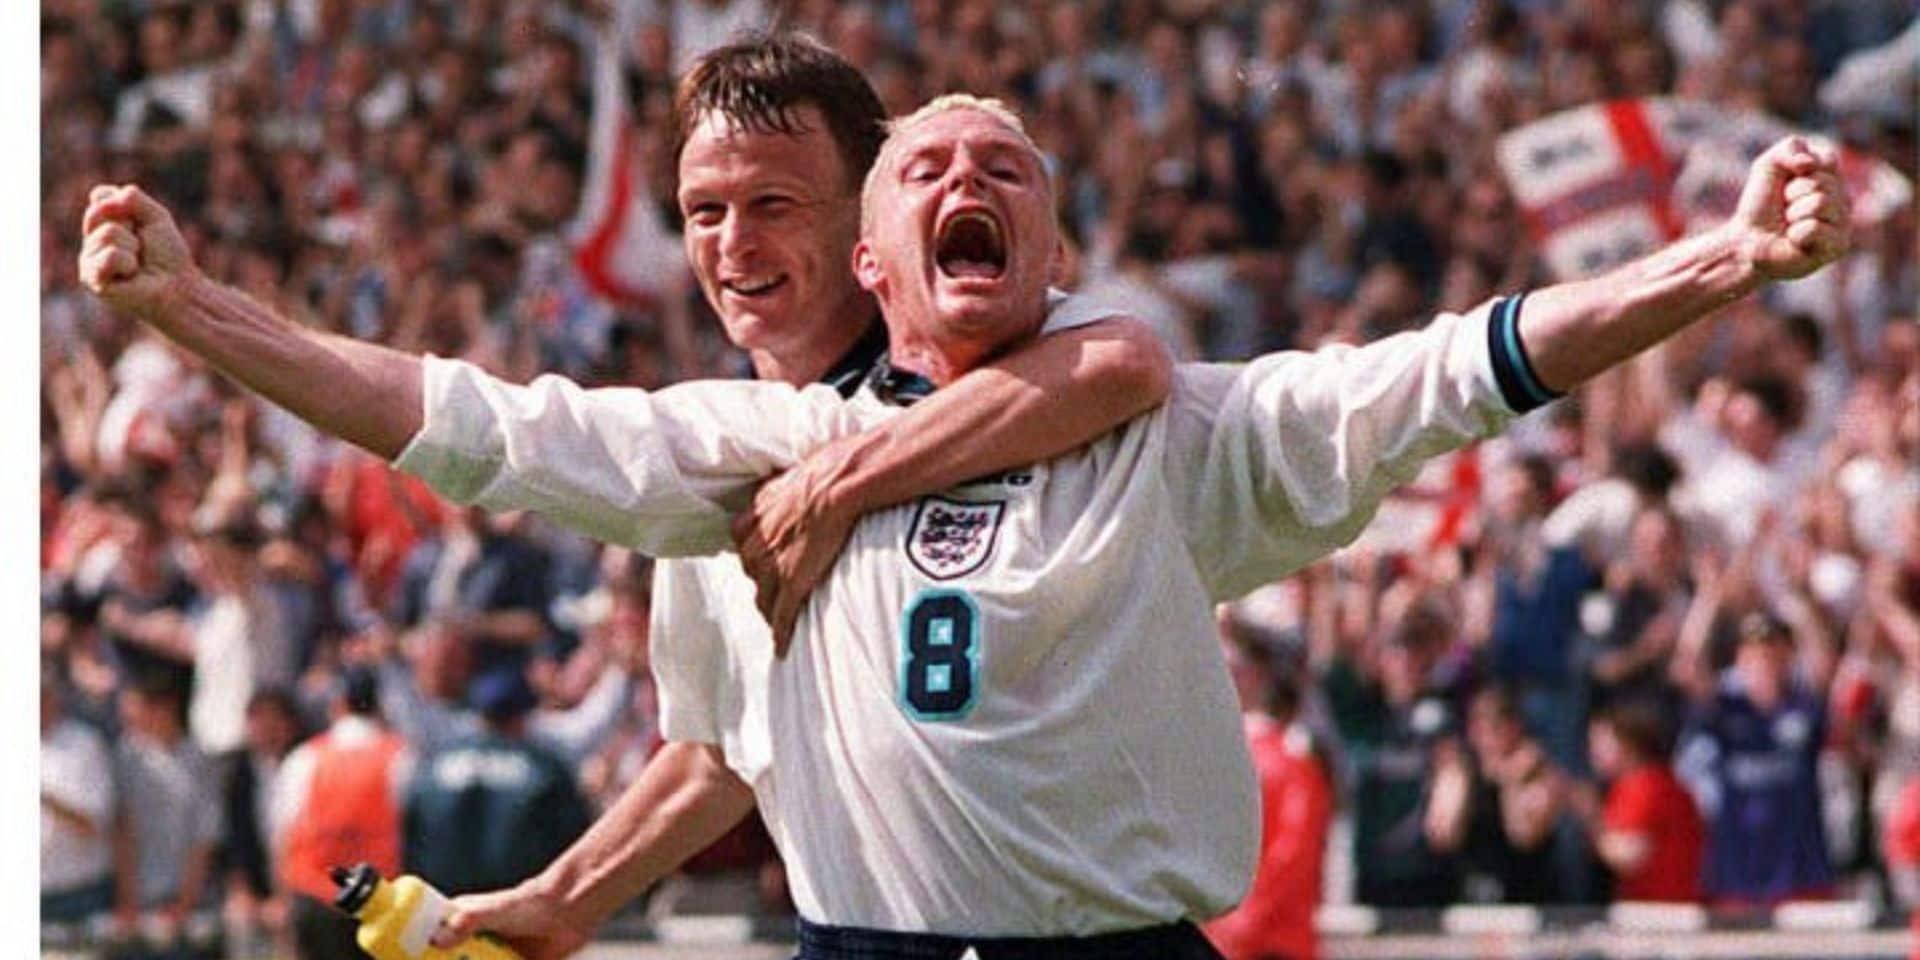 Il y a 25 ans, Gascoigne rentrait dans l'histoire avec un goal d'anthologie contre l'Ecosse (VIDEO)